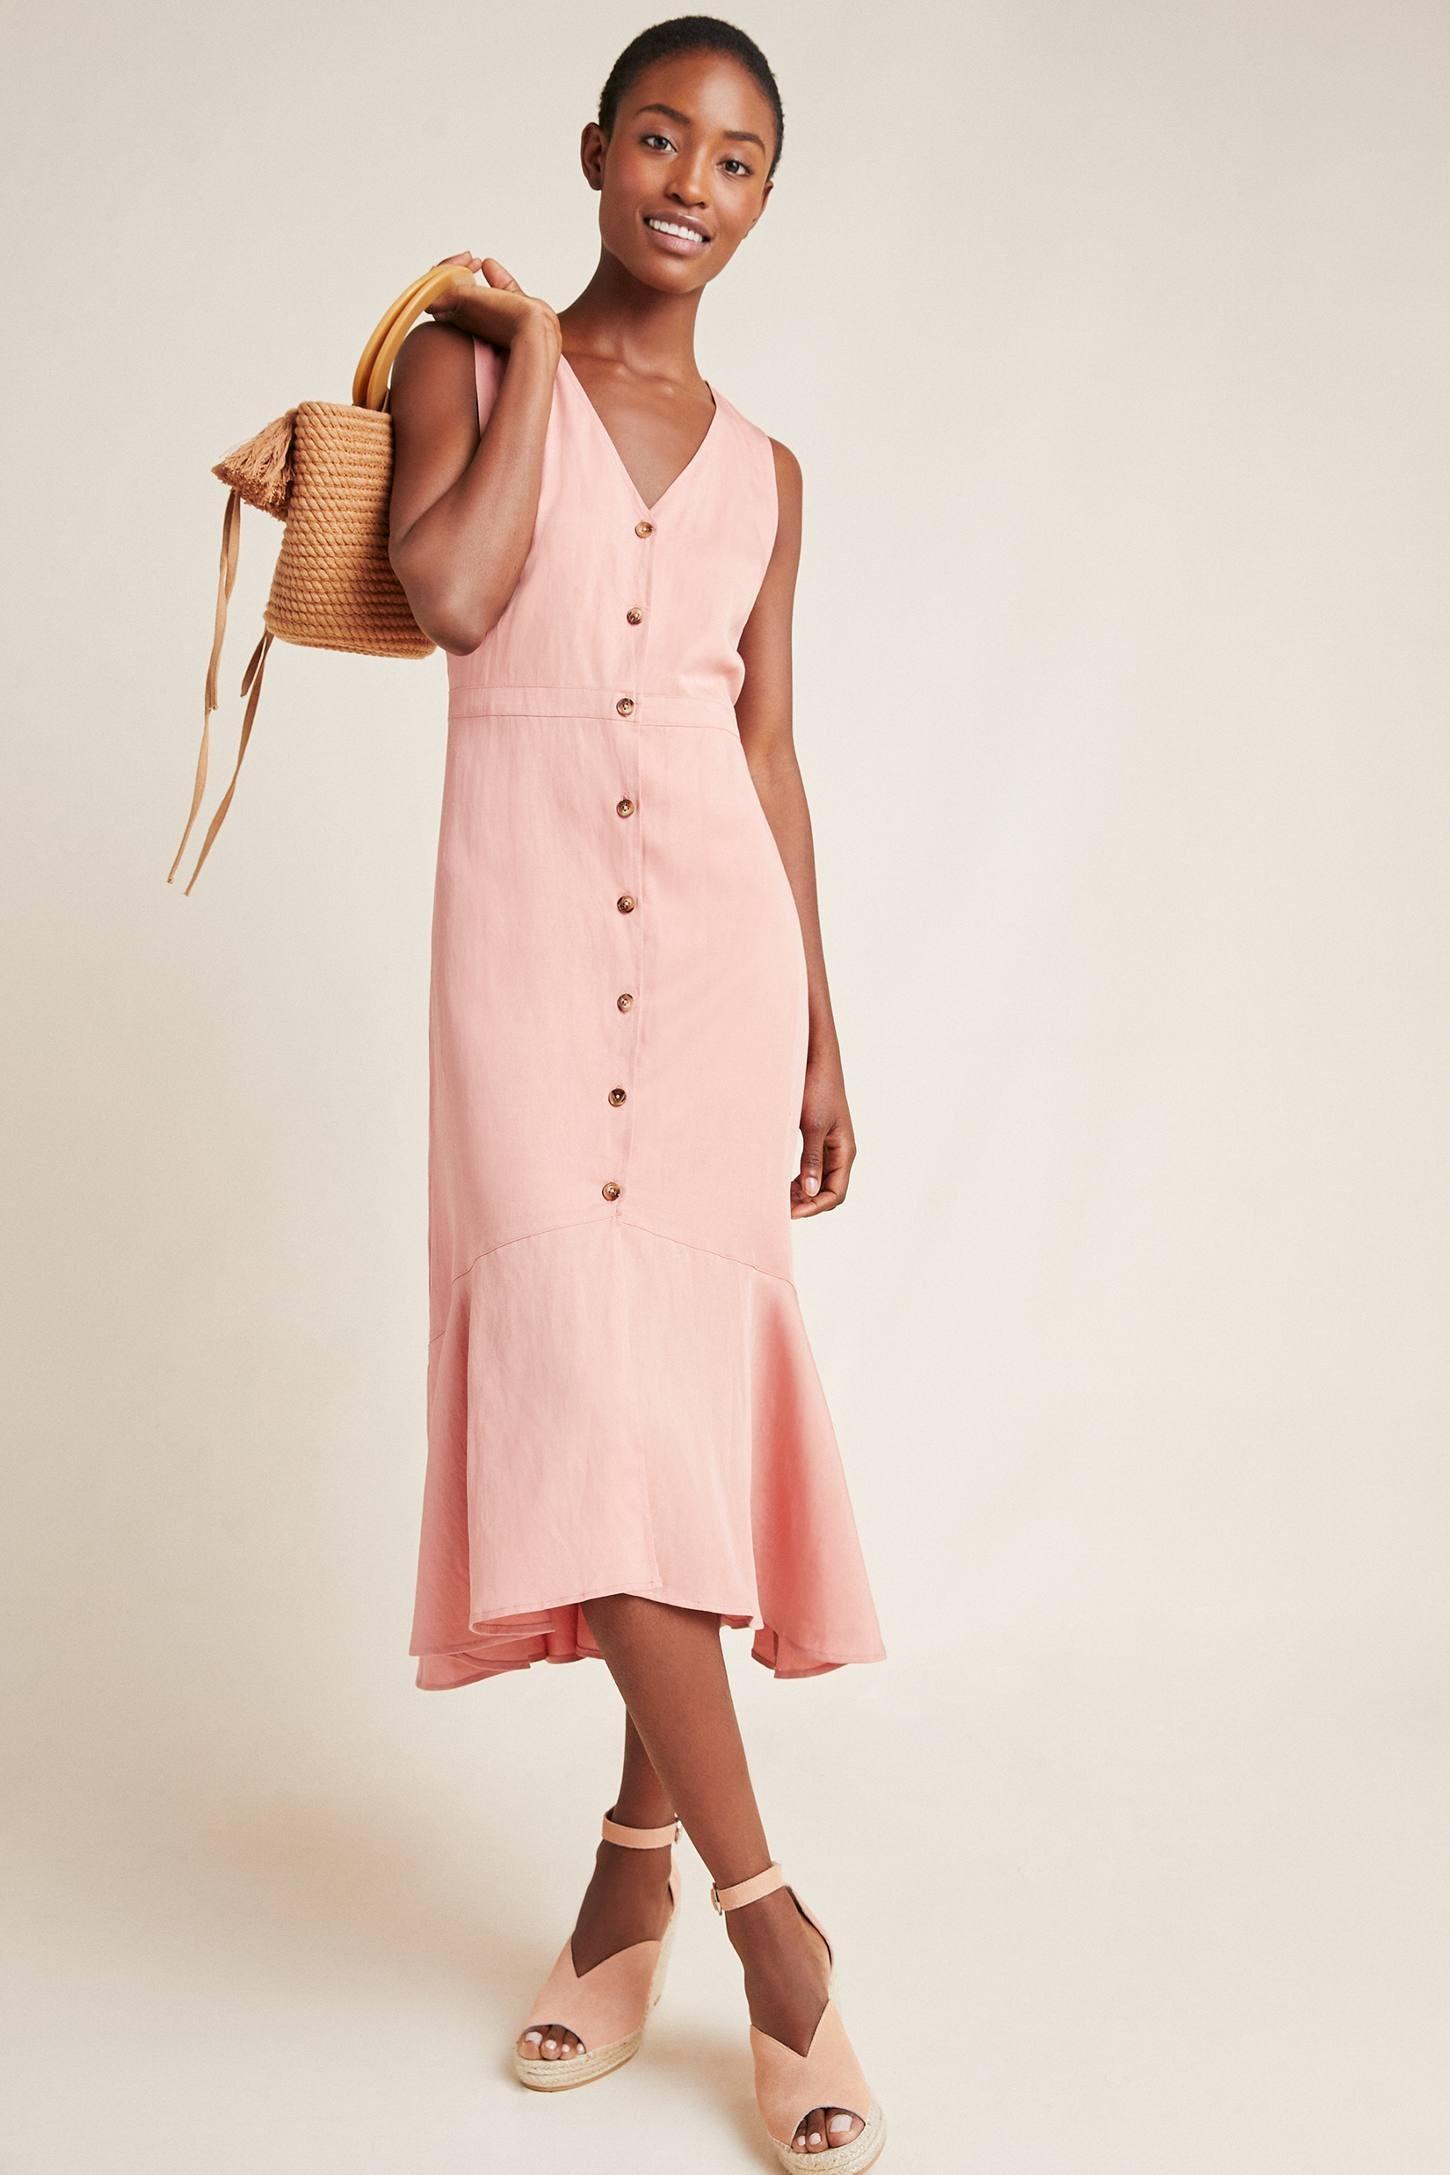 76d8f73dc56 Dresses - Emily Henderson